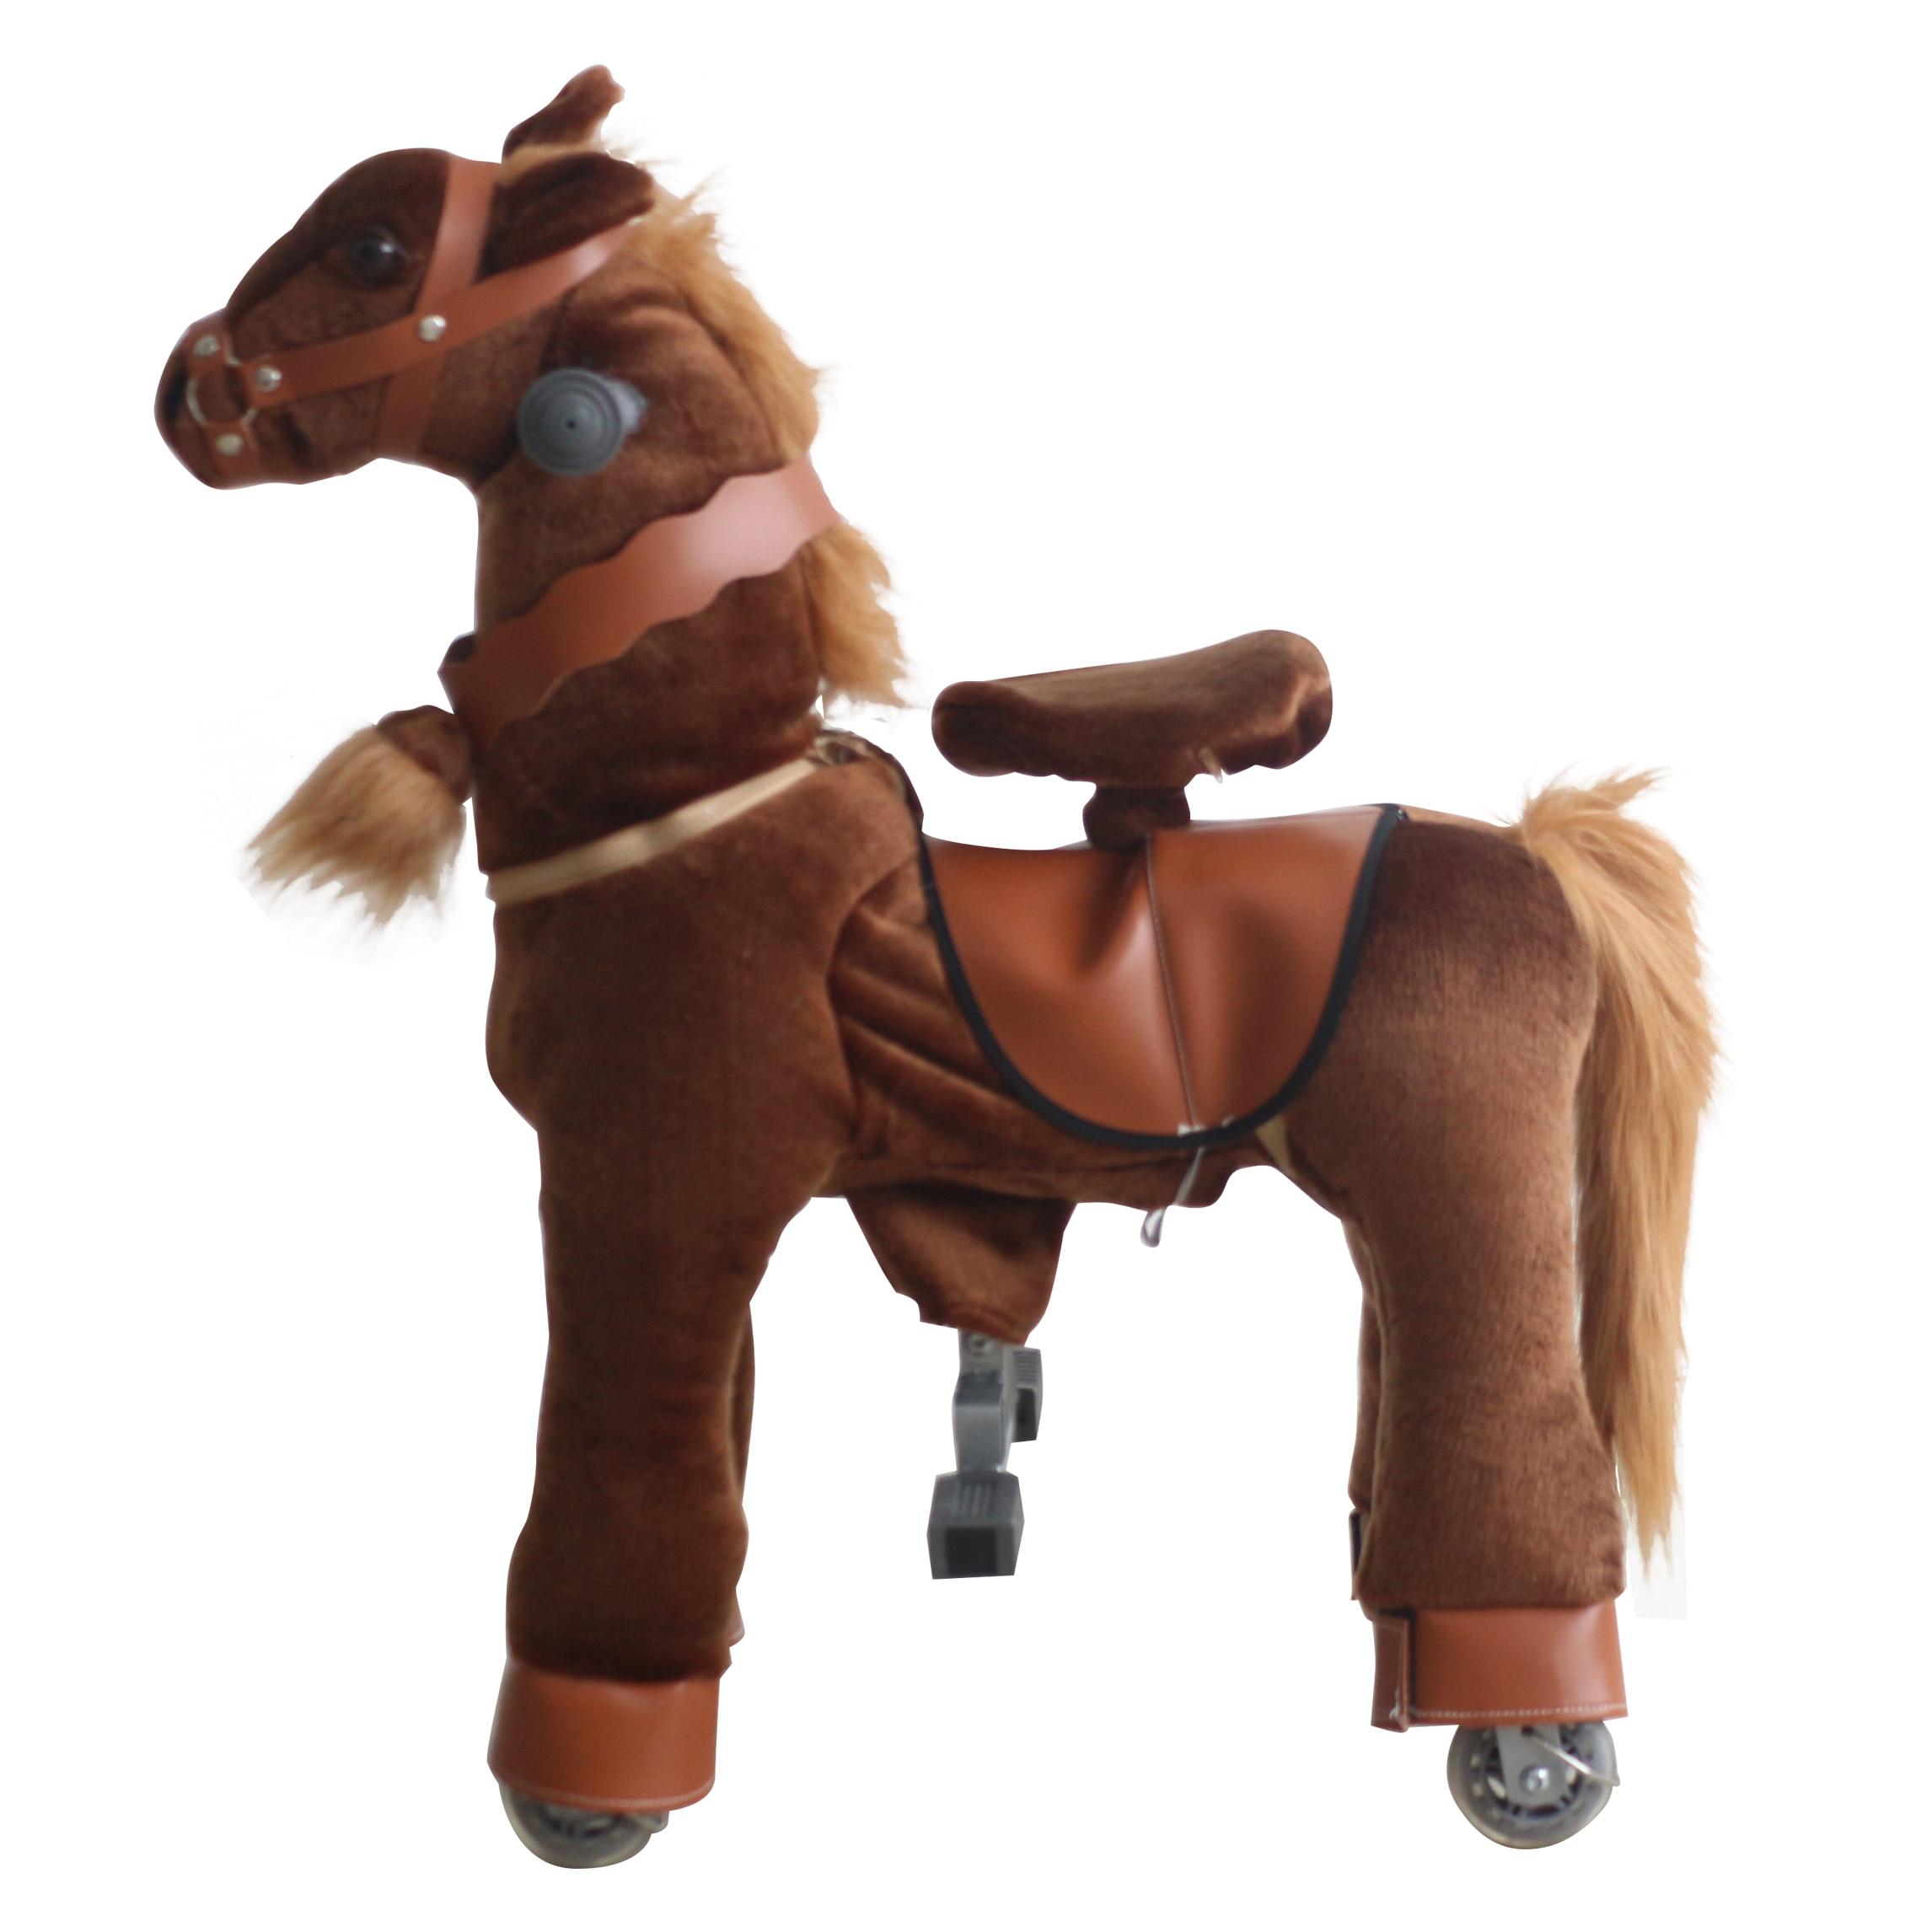 Équitation Animal mécanique jeu de course de chevaux monter sur des jouets de cheval pour les enfants âgés de 3-7 ans brun profond petit poney cadeaux pour enfants - 2